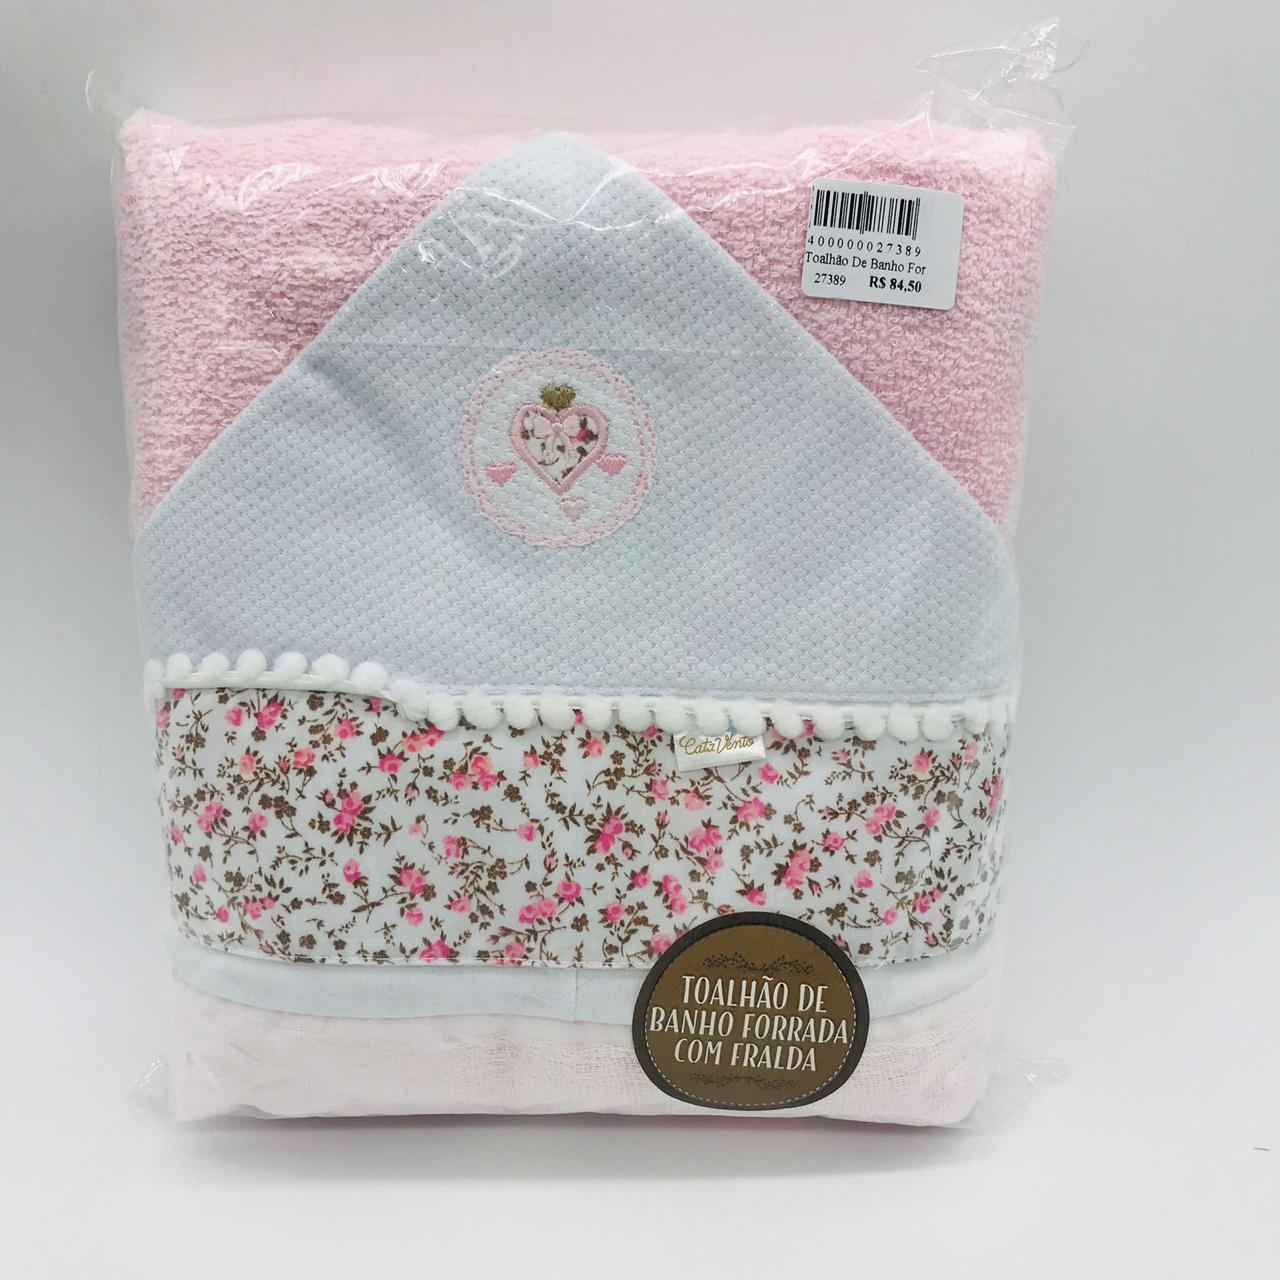 Toalhão de Banho Forrada Fralda Floral Pompom - Catavento Ref 504